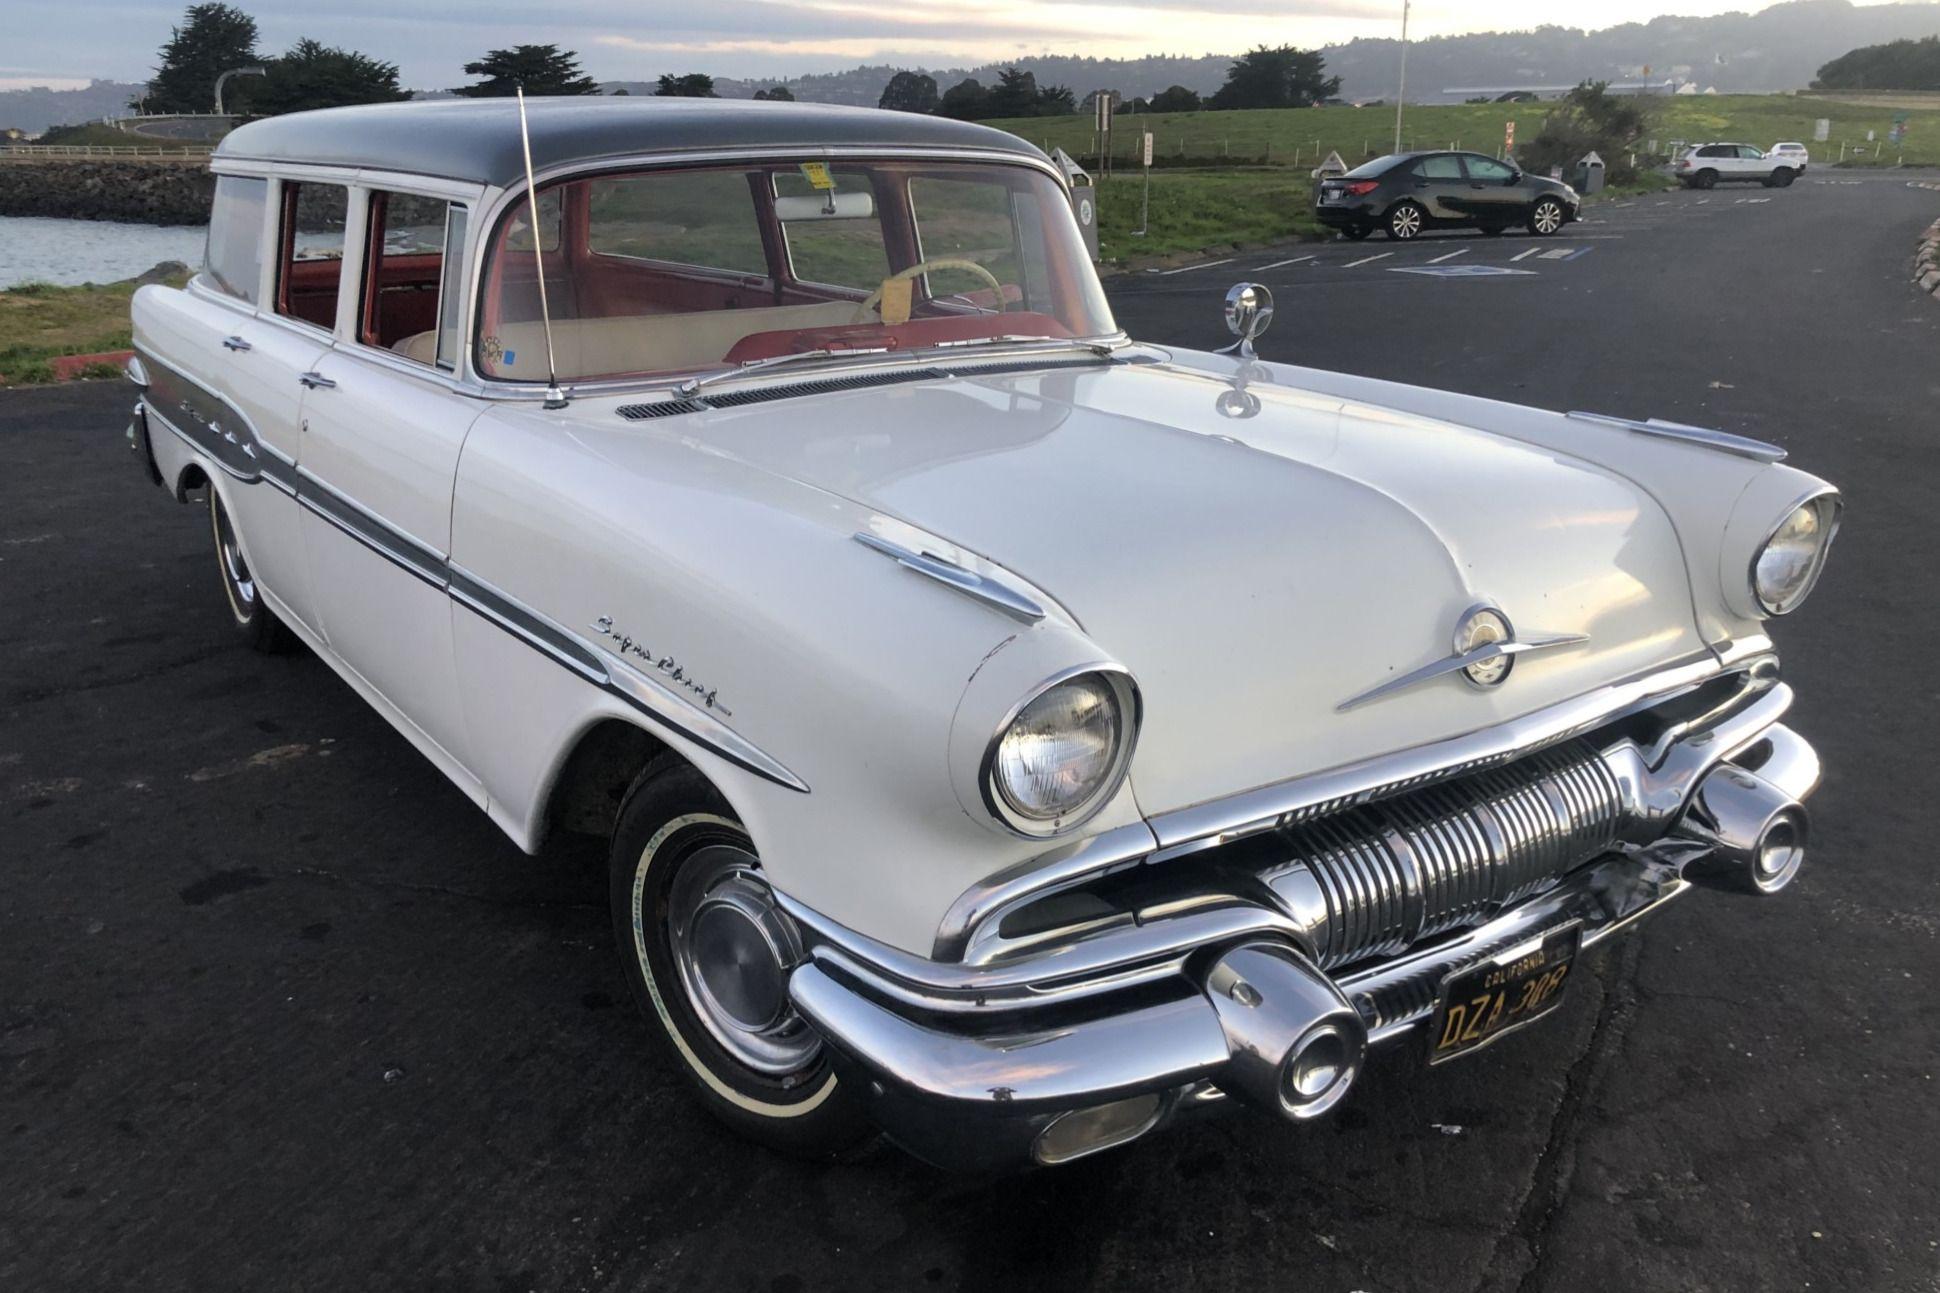 1957 Pontiac Super Chief Safari Classic cars, Classic